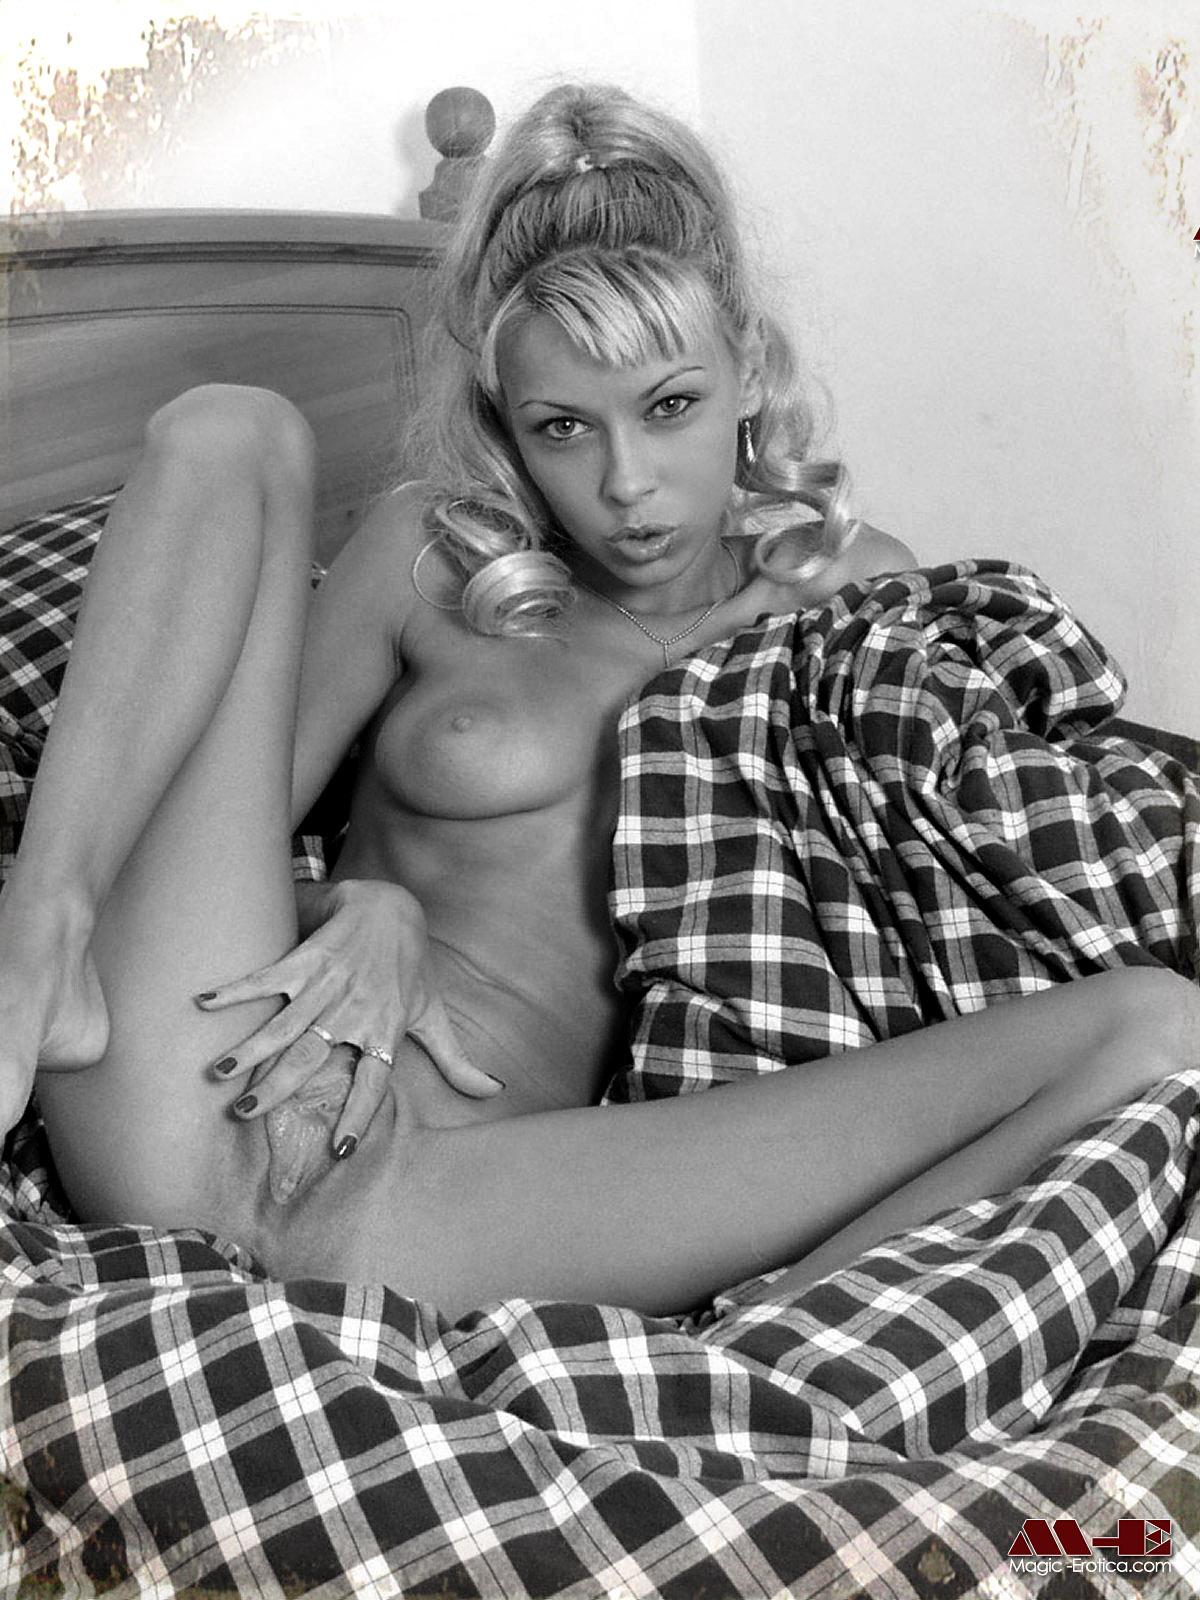 Saexy photo nude scene